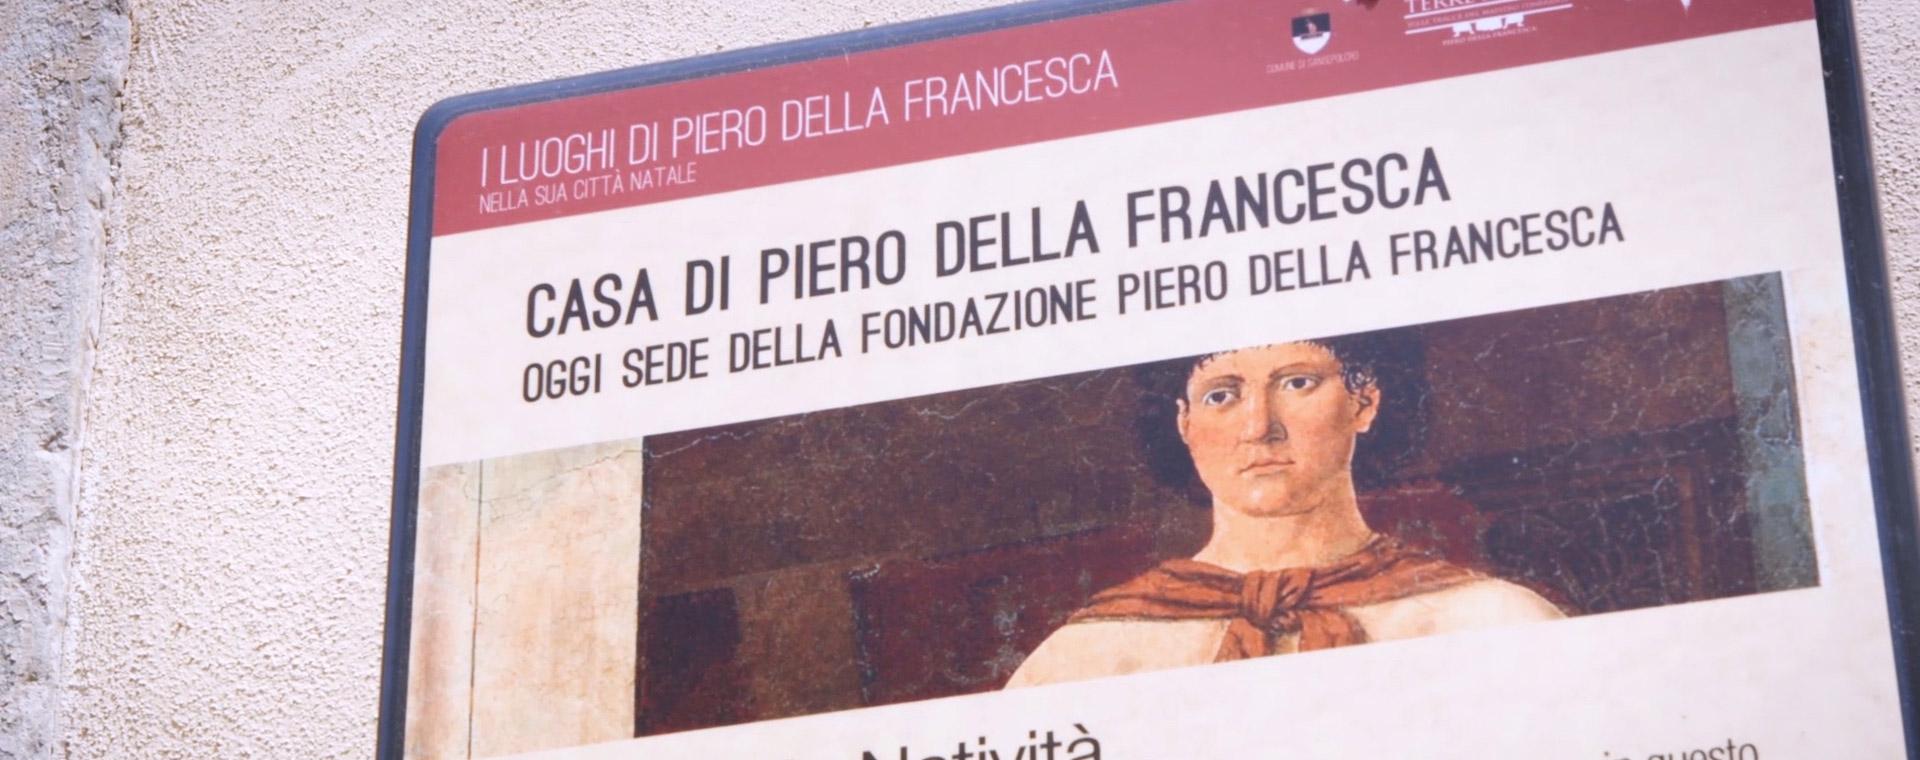 Sansepolcro è una piccola città in Toscana